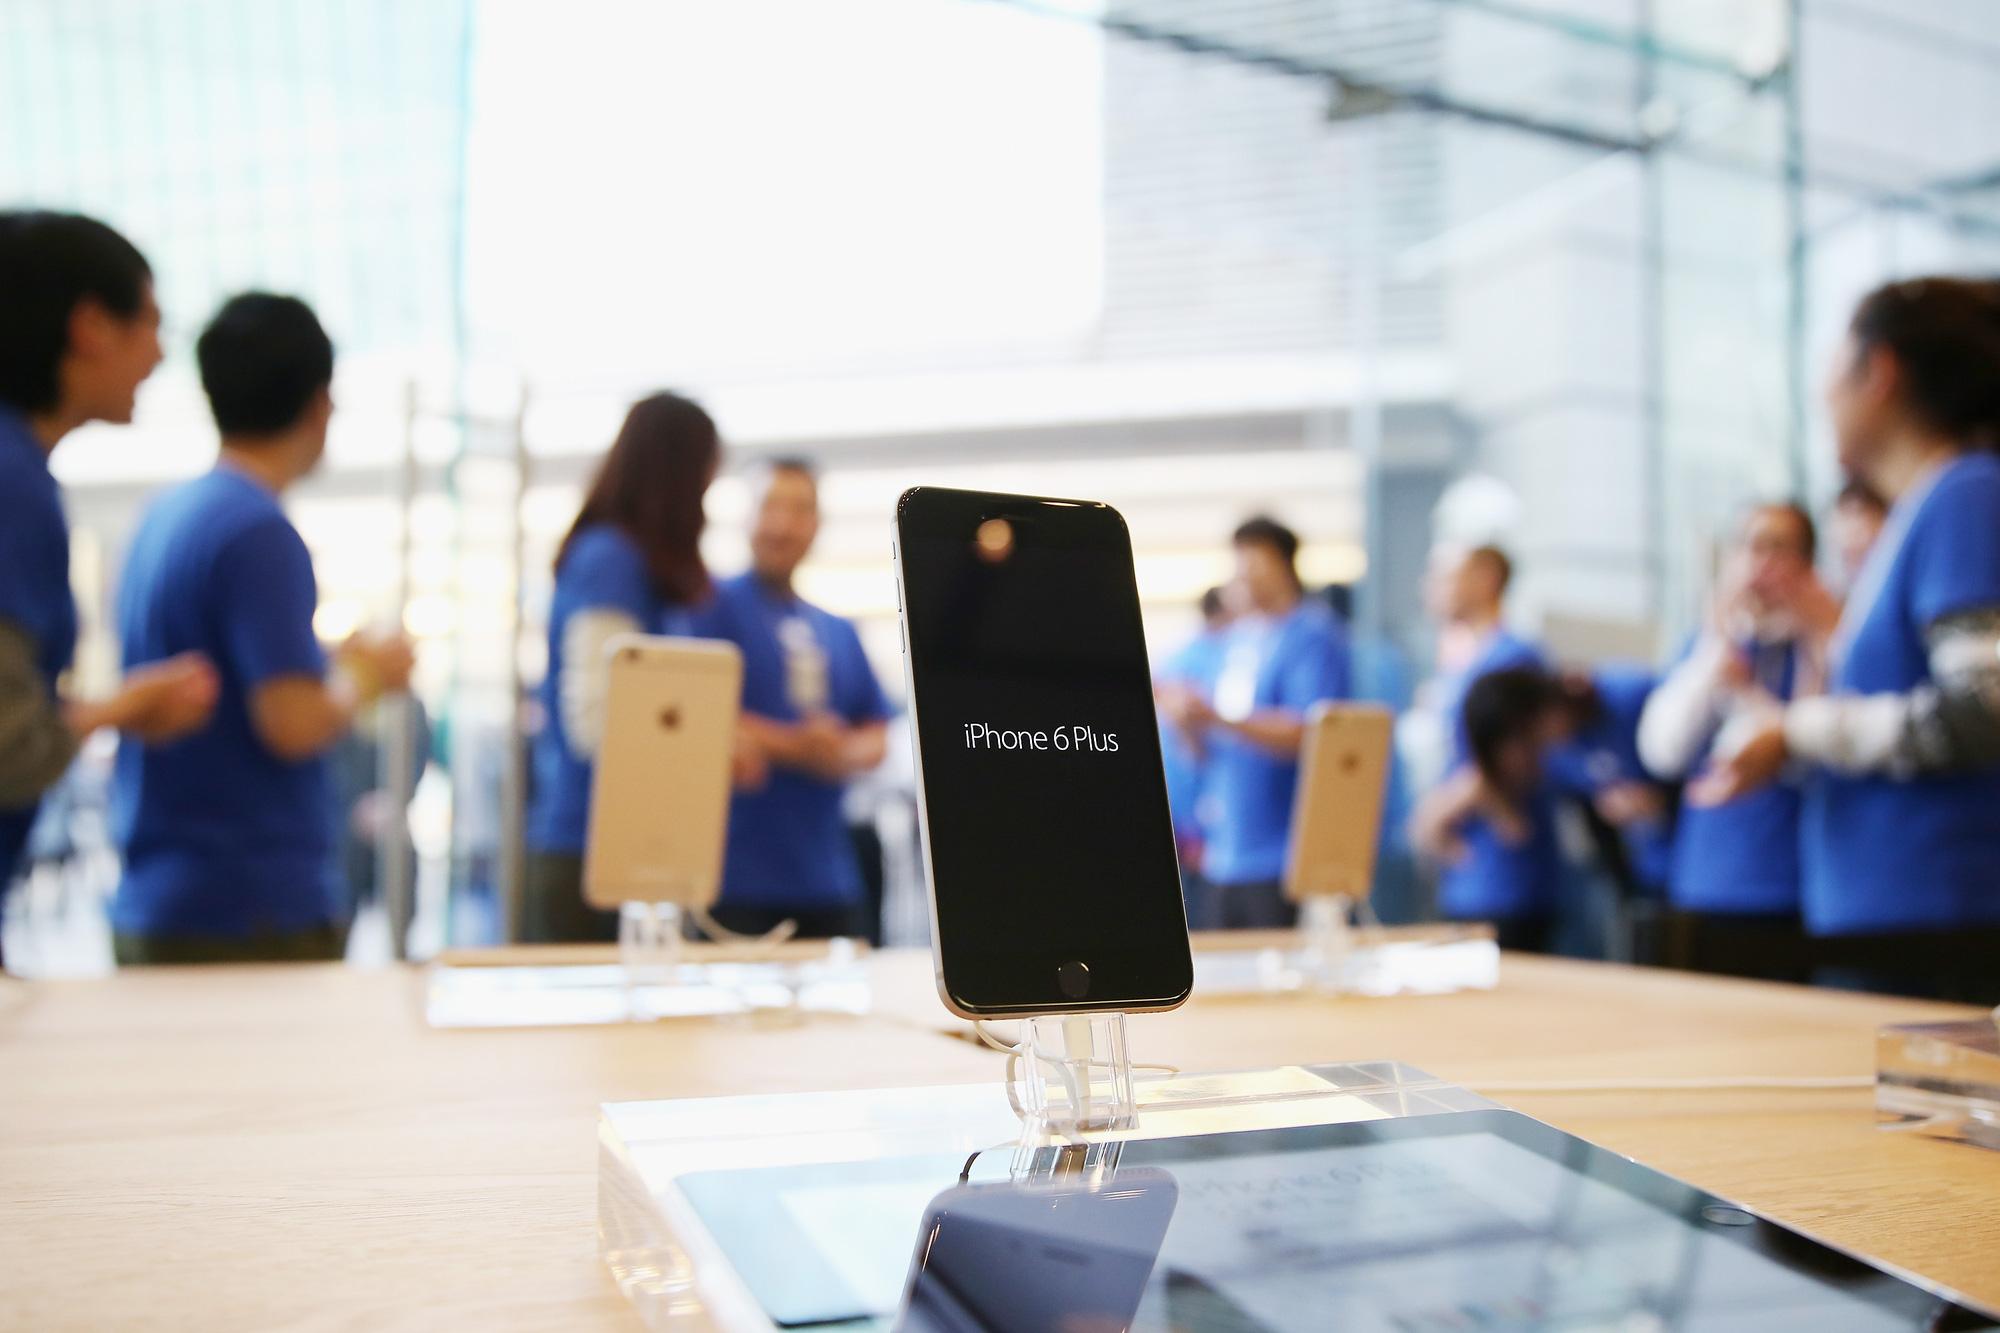 iPhone và Apple thay đổi cả thế giới: Điều tốt đẹp nhất vẫn chưa đến! - Ảnh 5.